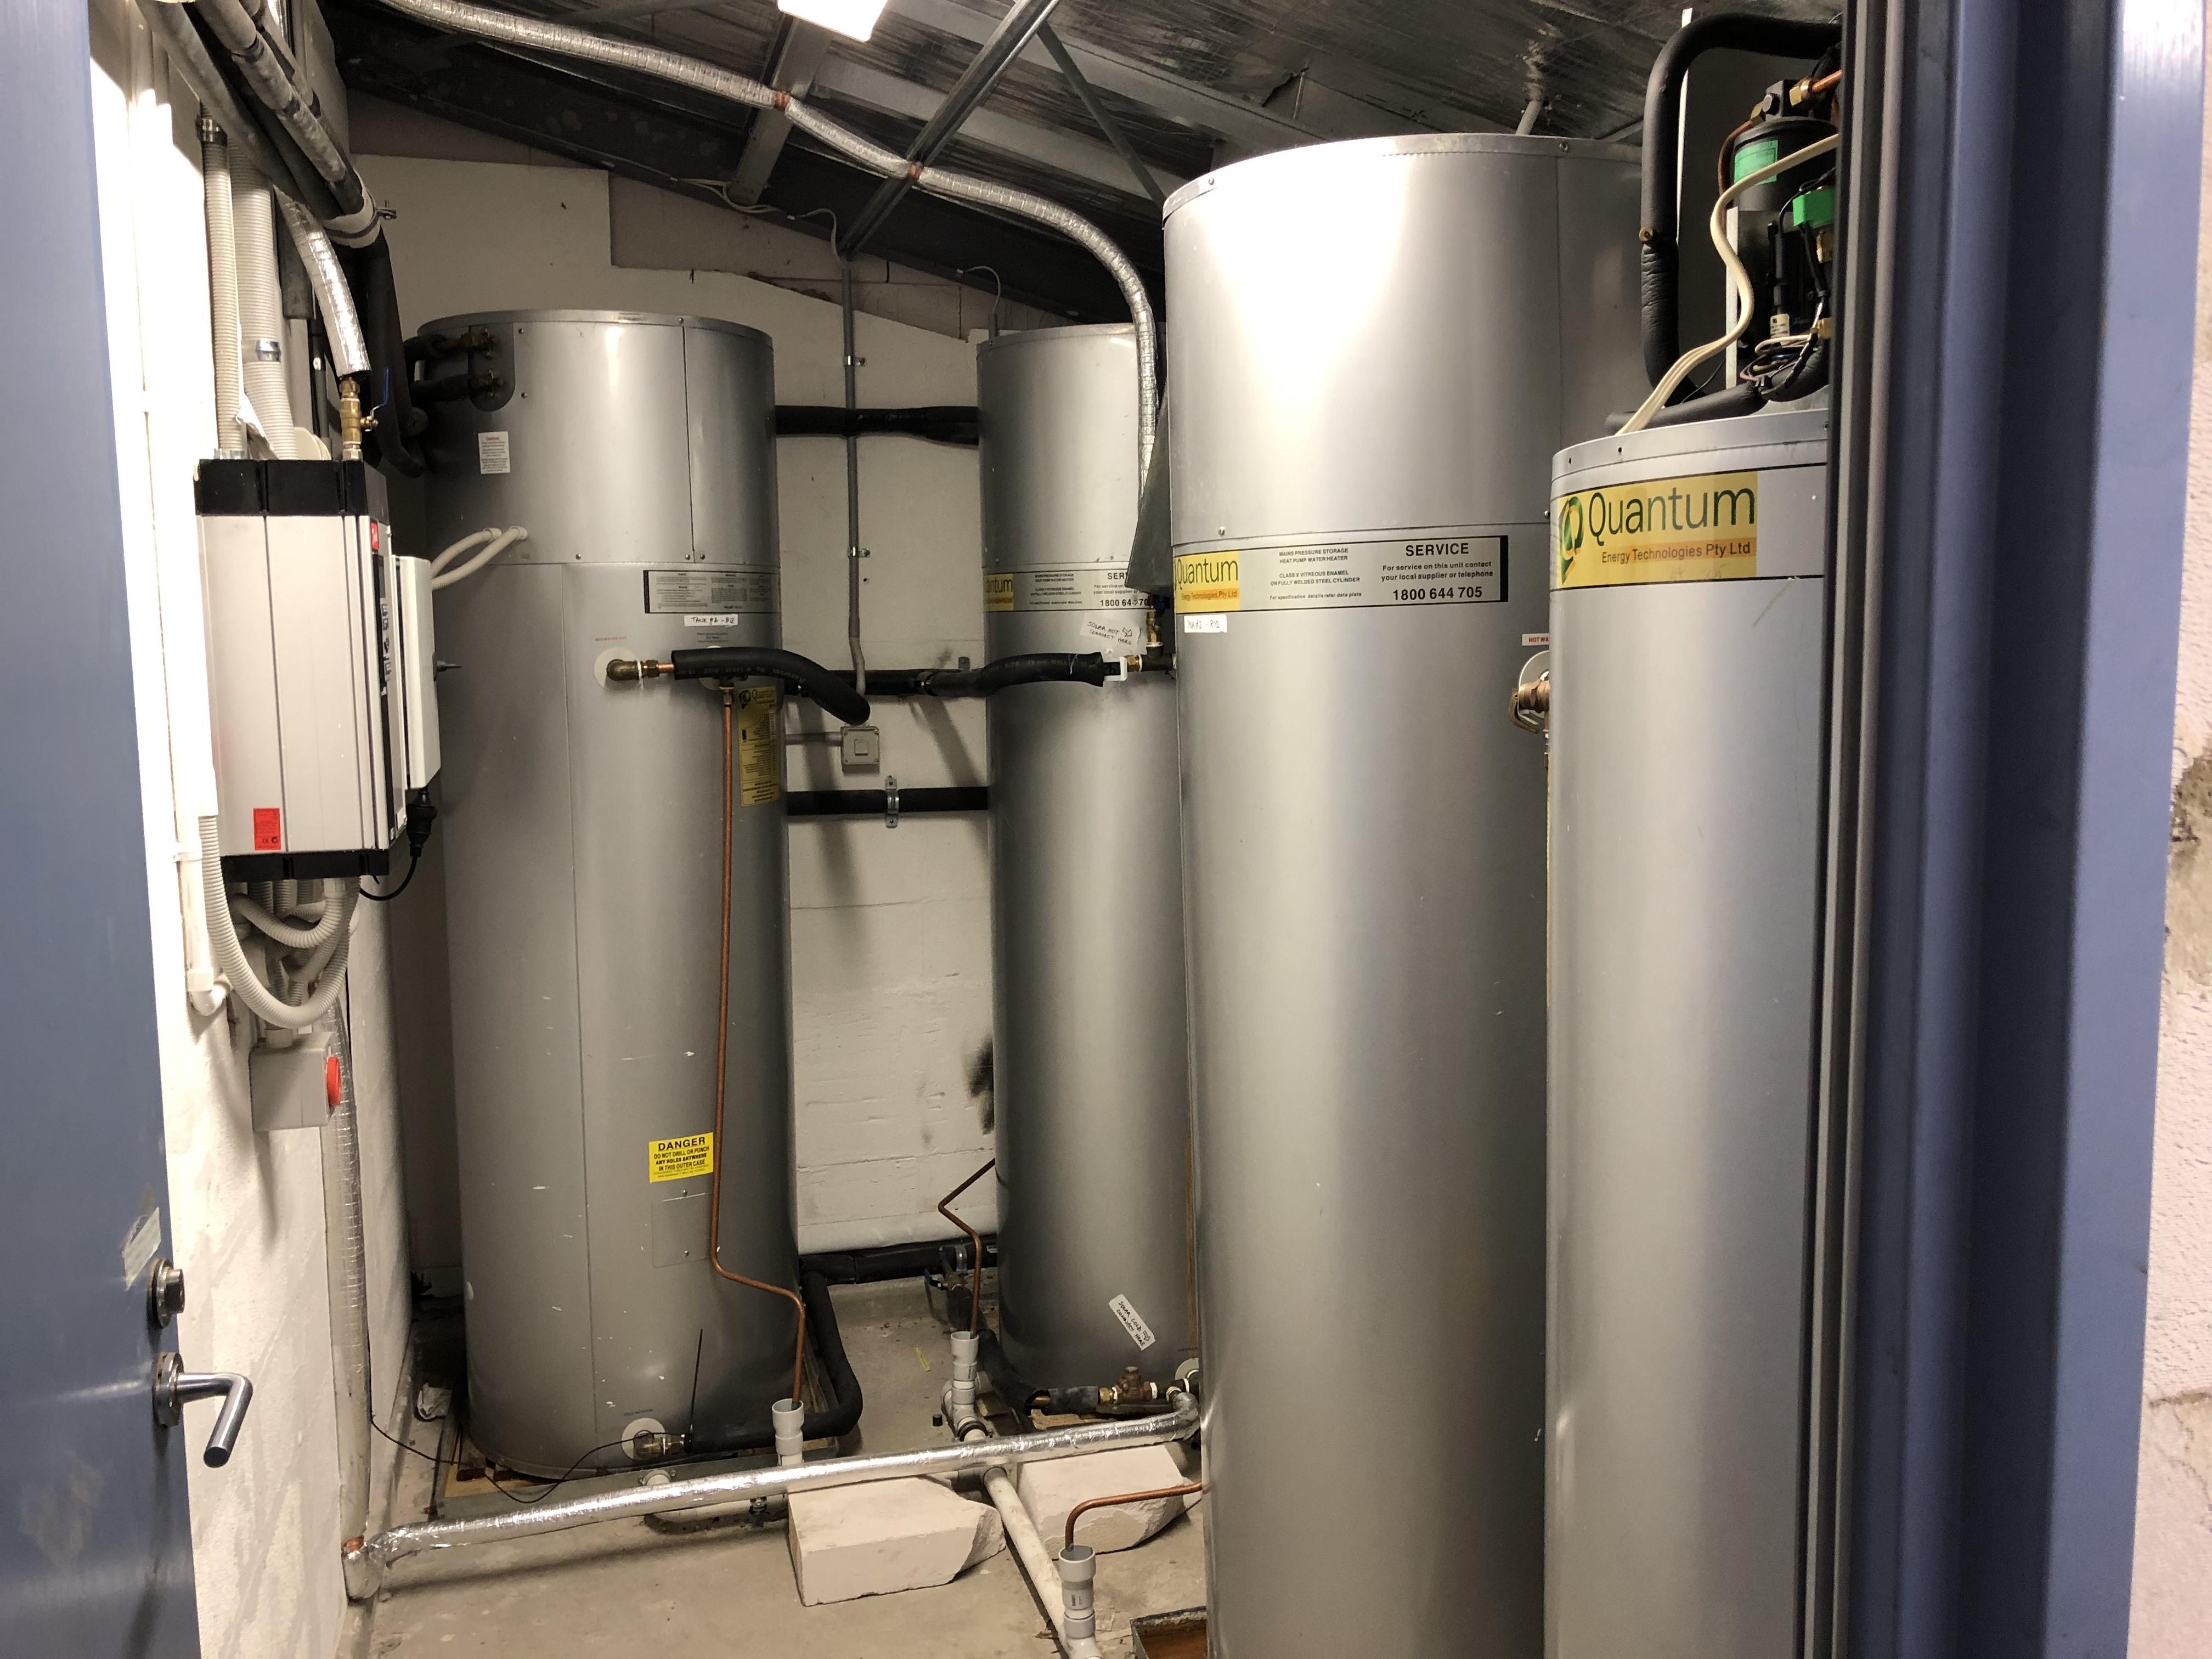 Quantum heat pumps